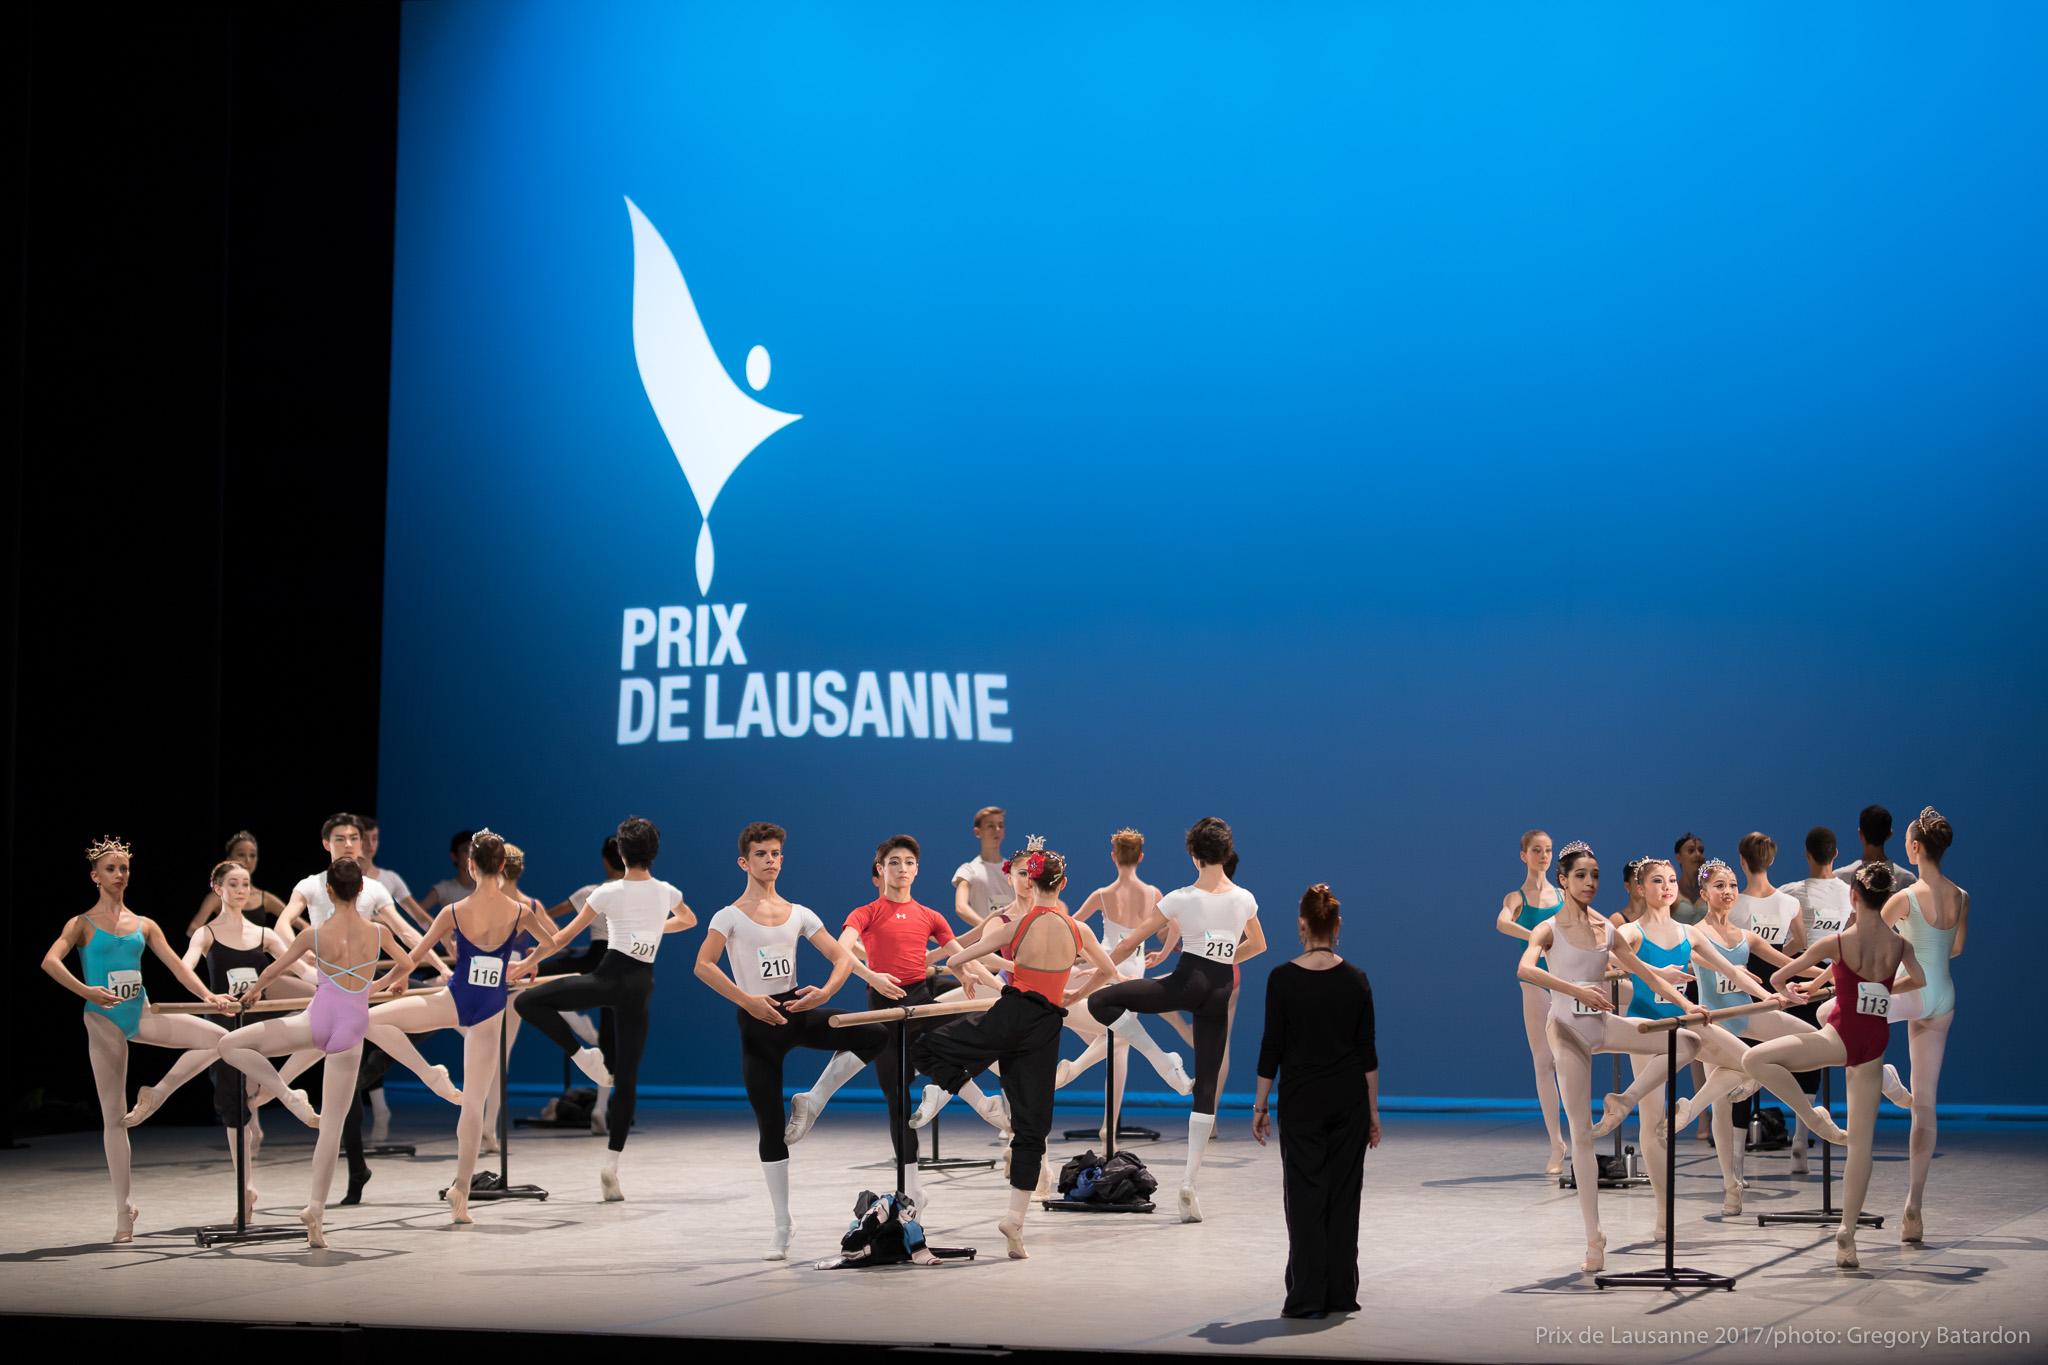 un giovane italiano vince il prestigioso prix de lausanne